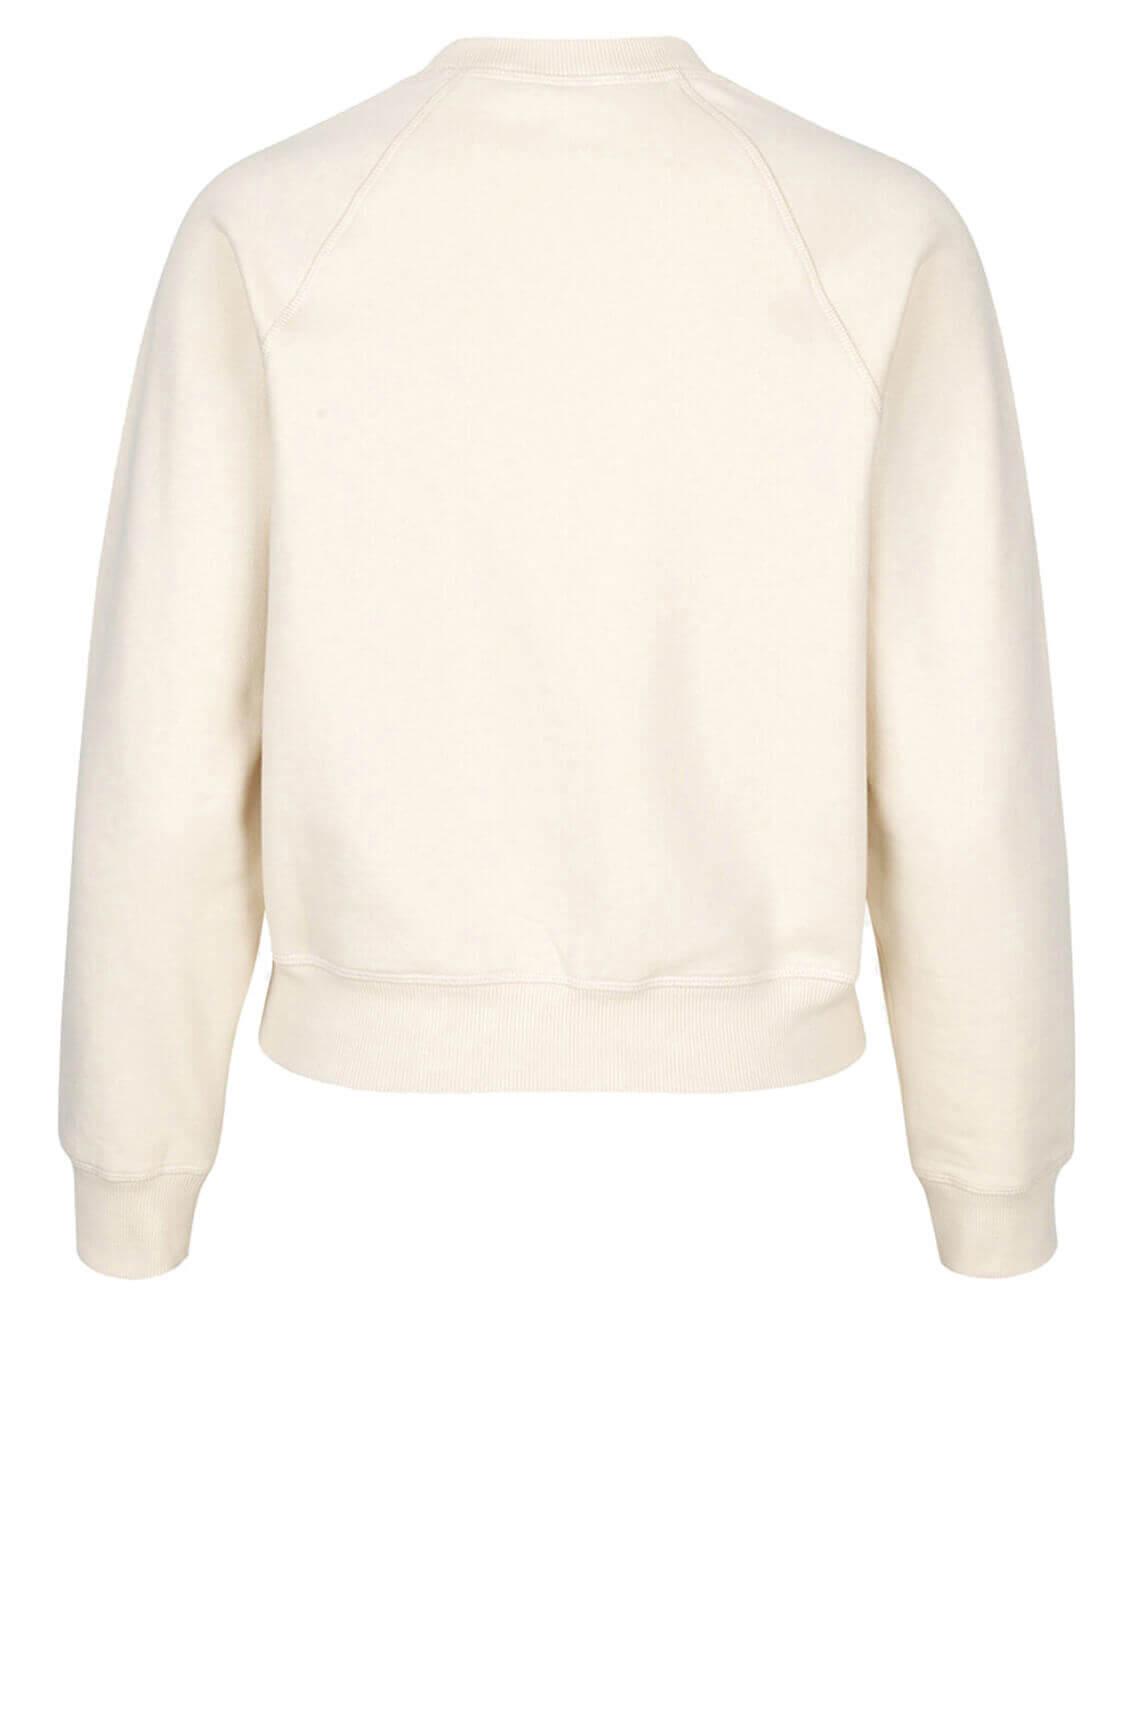 Samsoe Samsoe Dames Barletta sweater wit